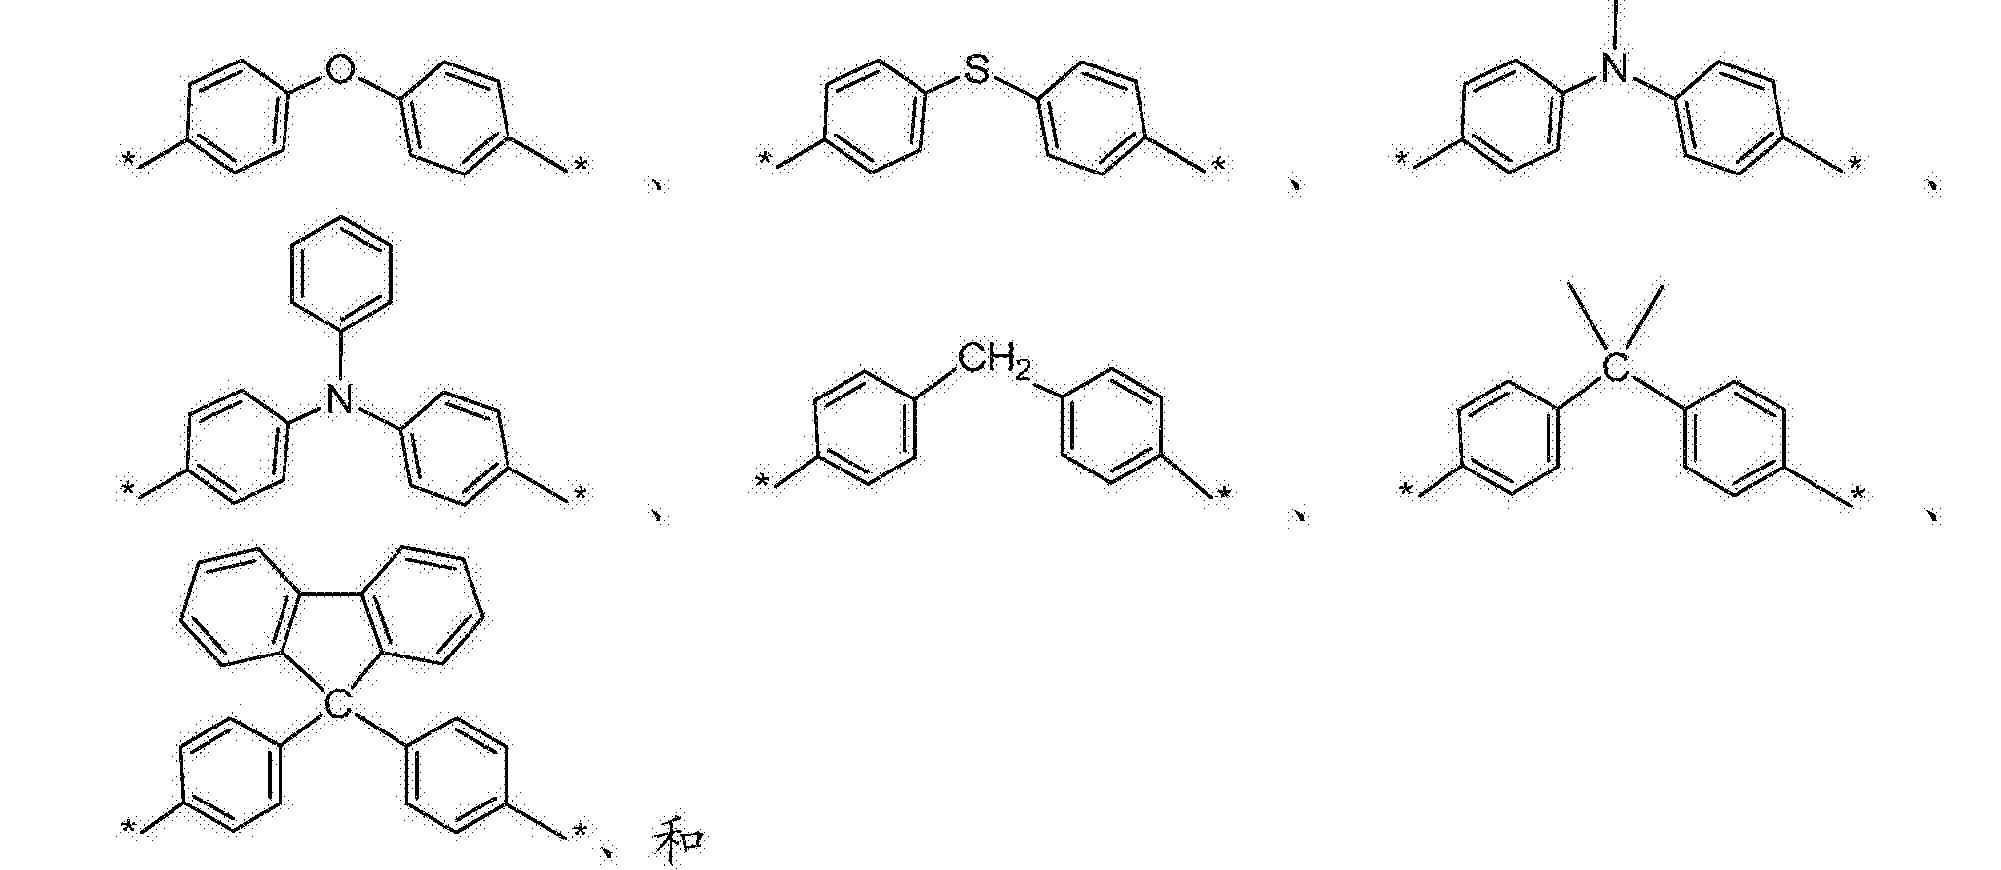 Figure CN105636998BD00142